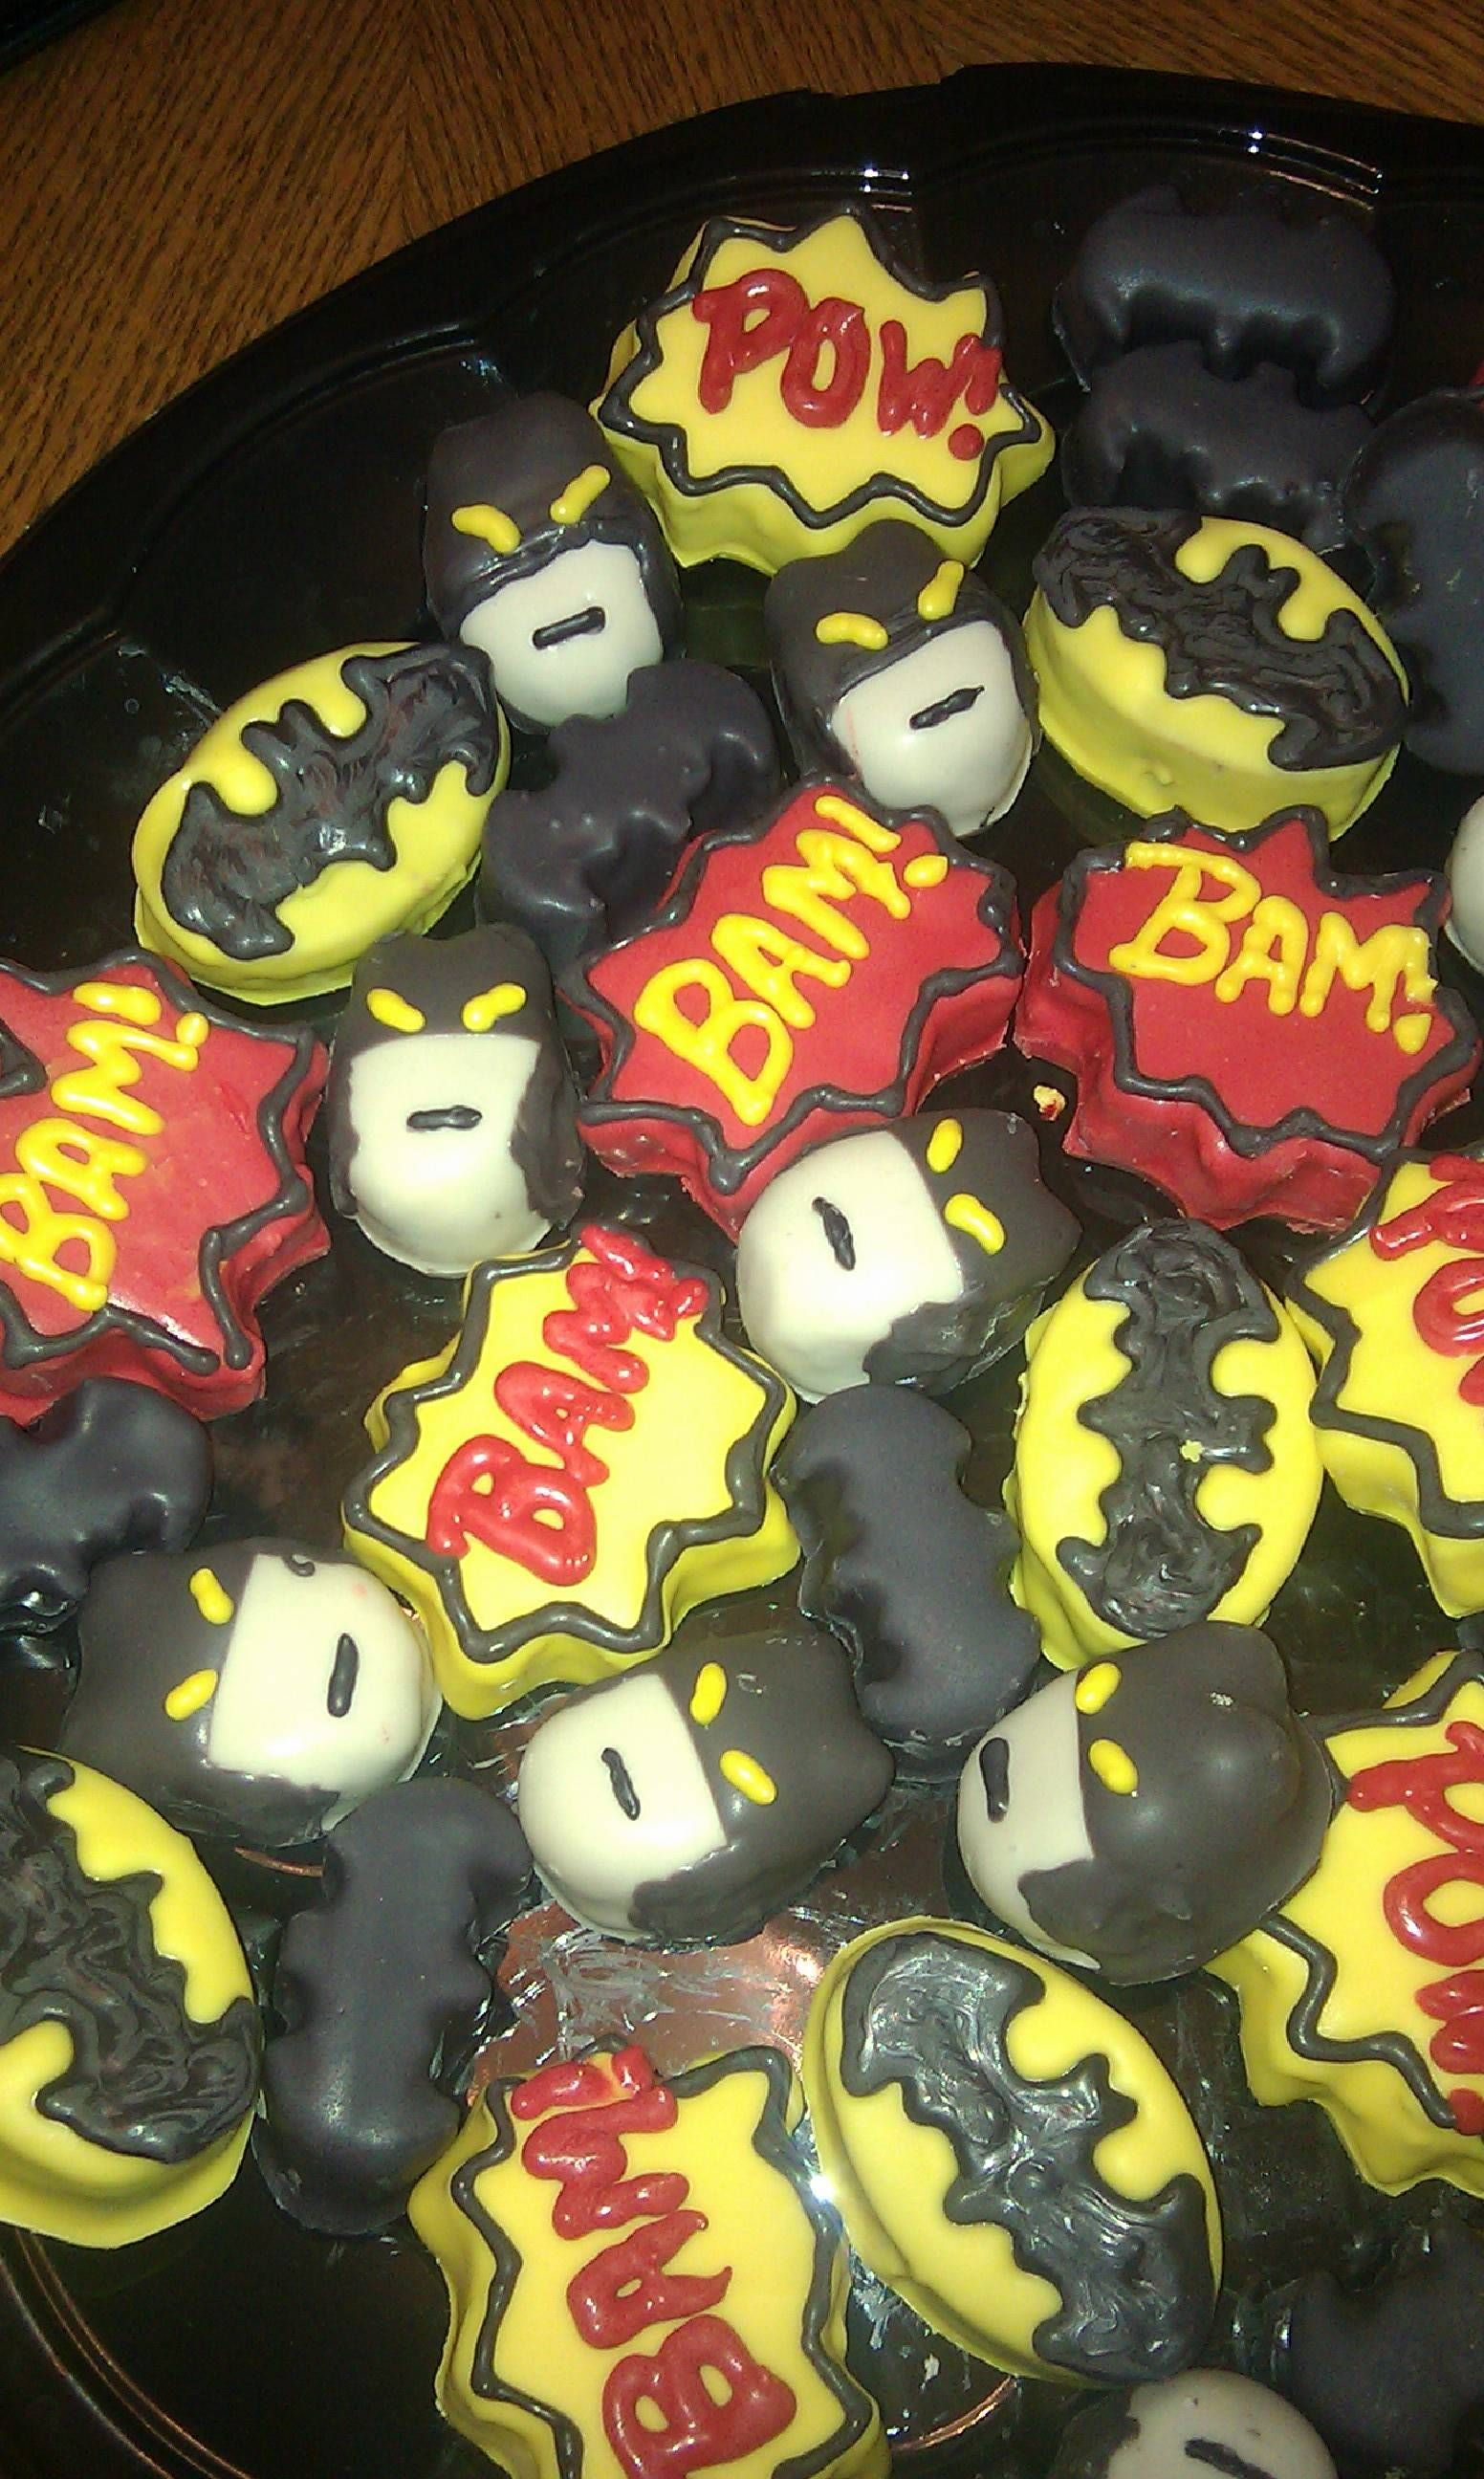 Batman cake ball's